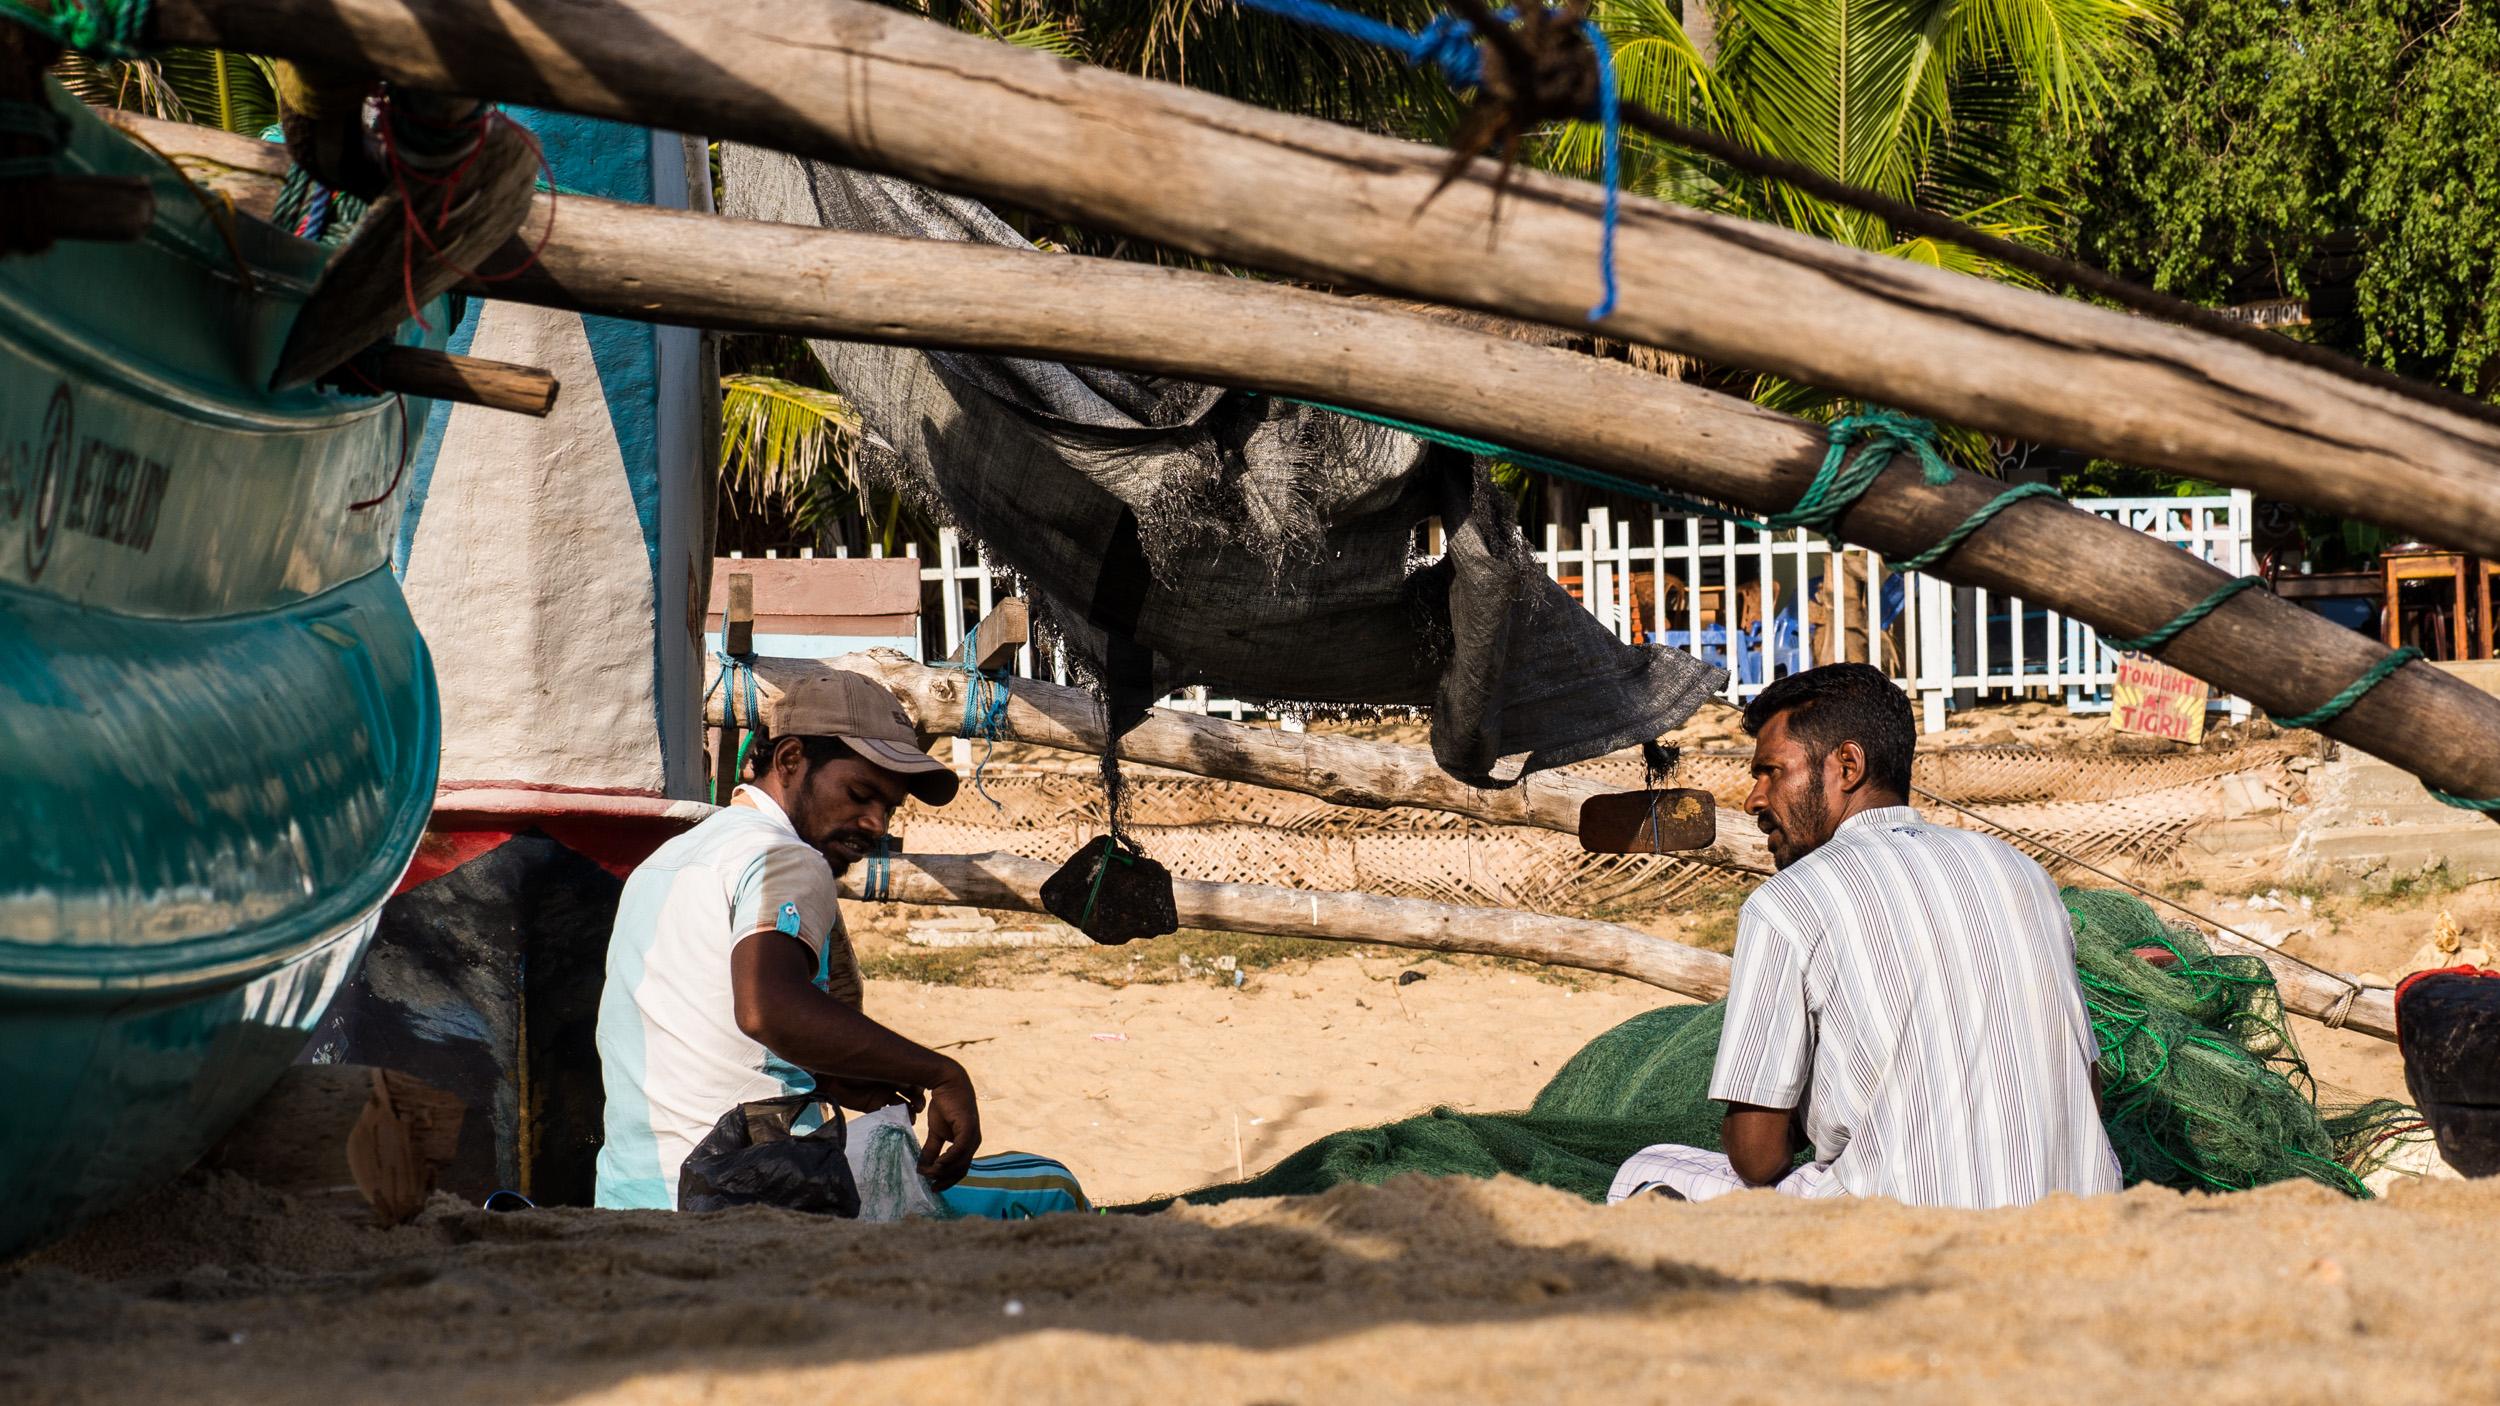 _3 Arugam Bay Fishermen Sitting with nets.jpg